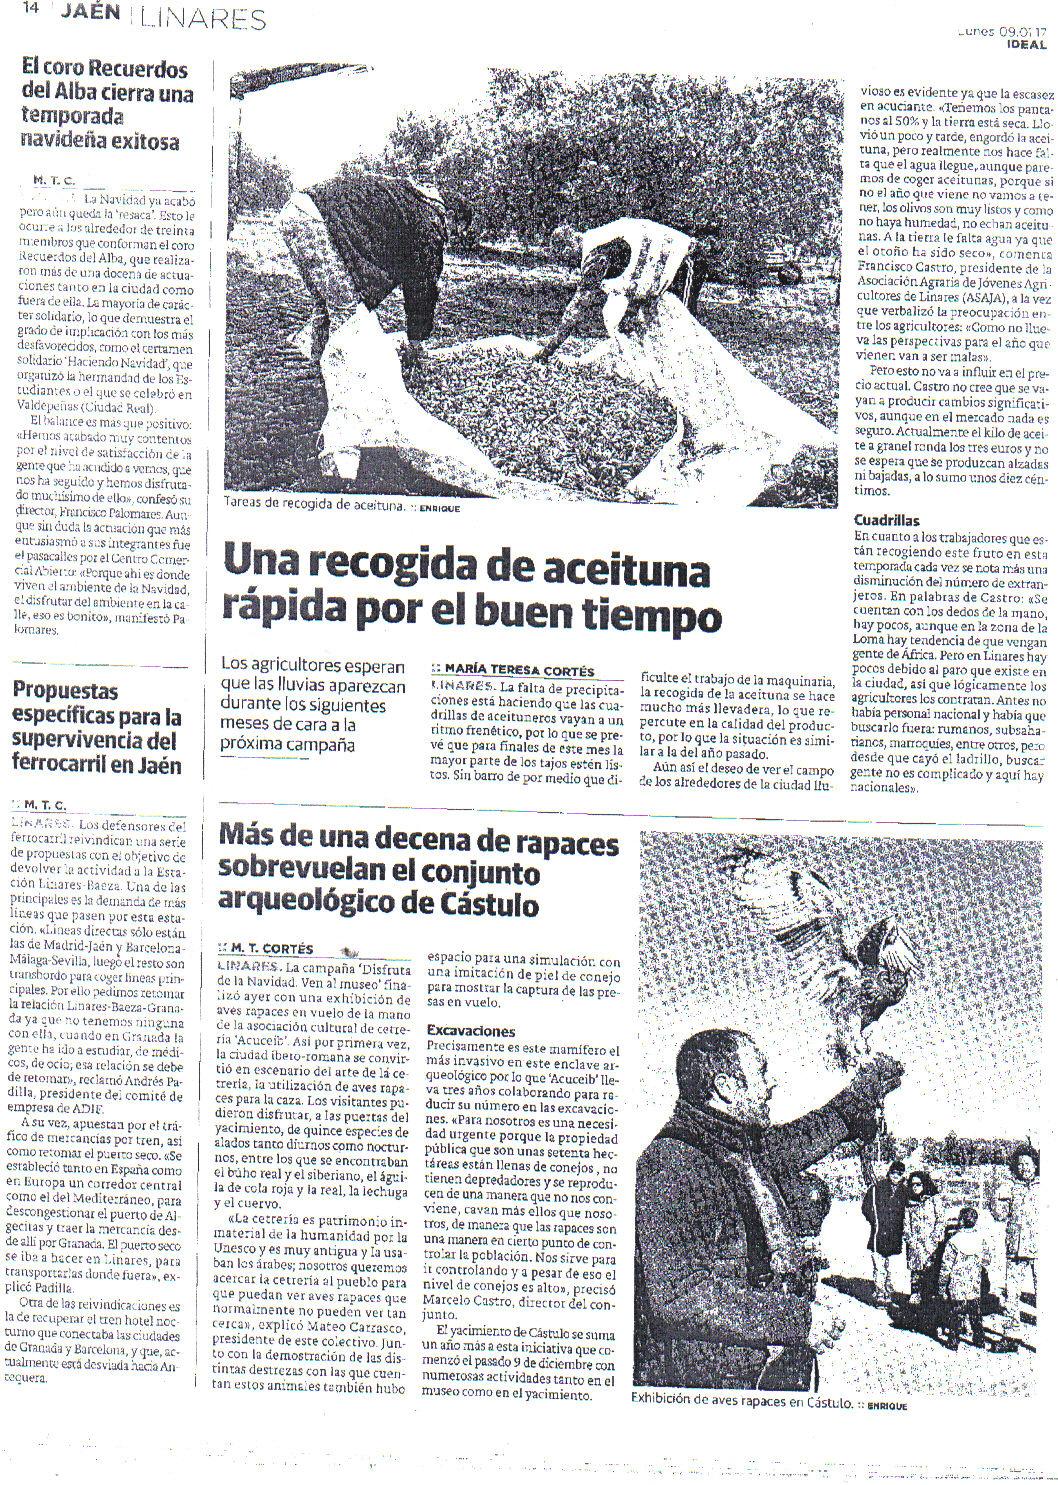 Prensa 9 de enero. Ideal